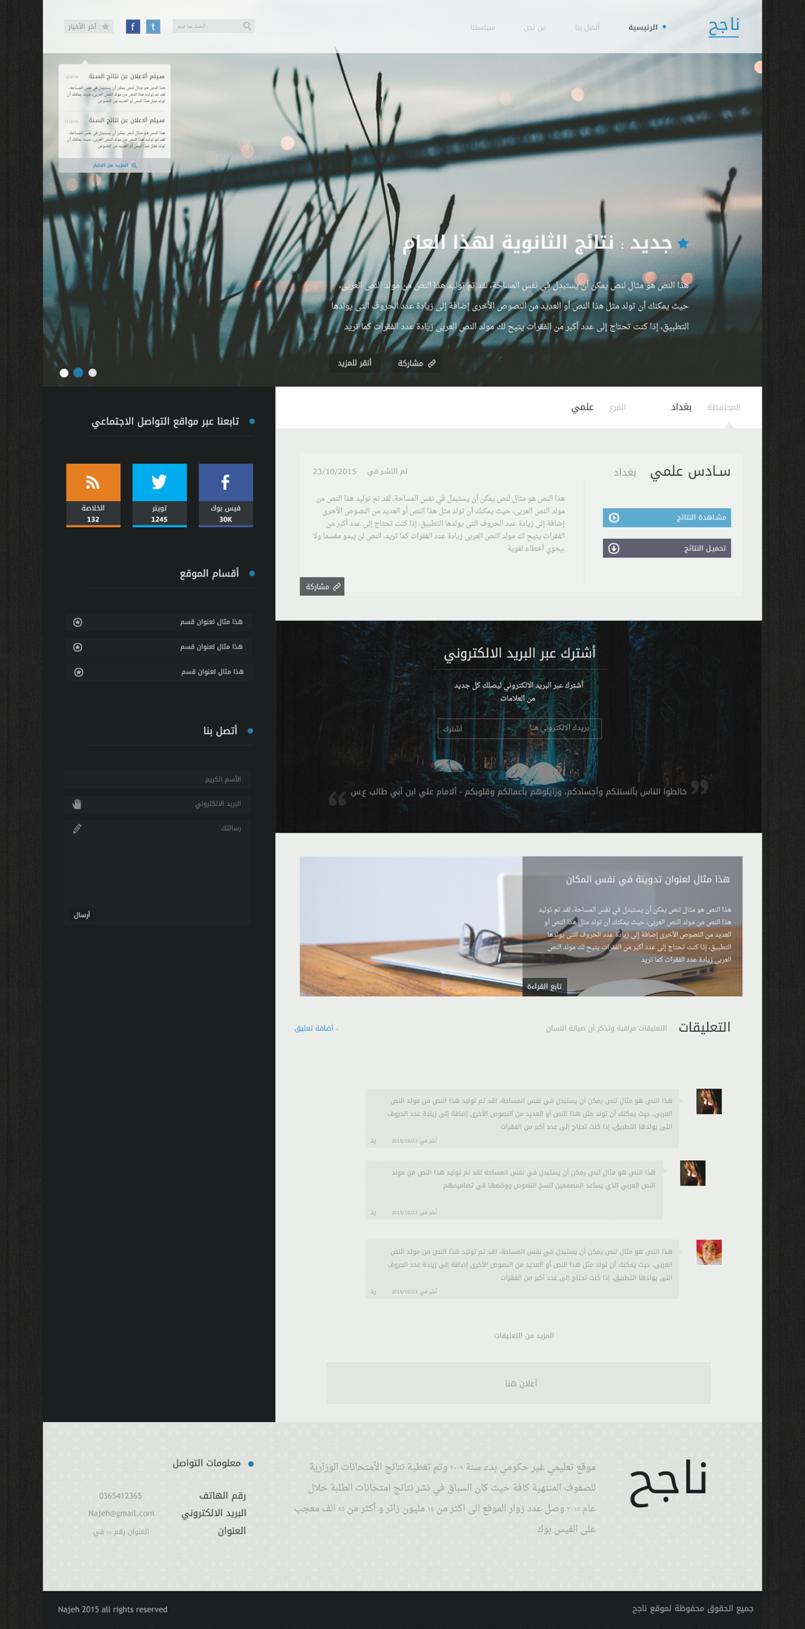 الموقع كاملا - الصفحة الرئيسية